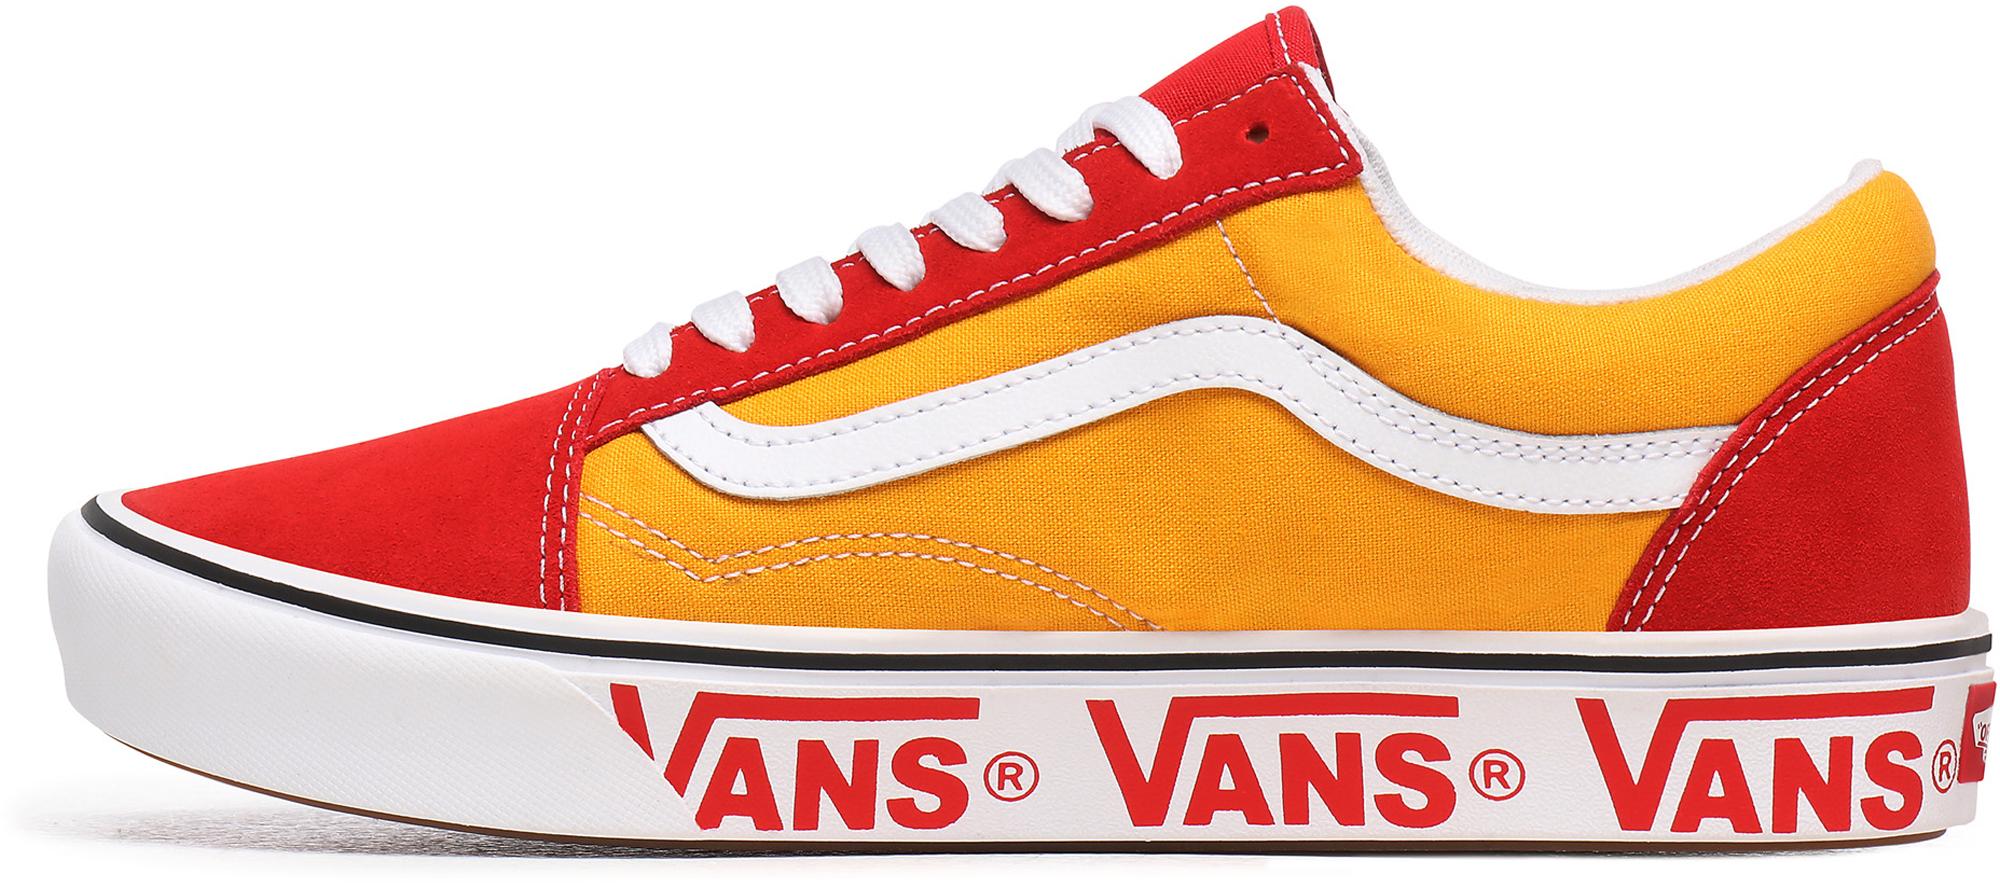 цена Vans Кеды мужские Vans ComfyCush Old Skool, размер 40 онлайн в 2017 году